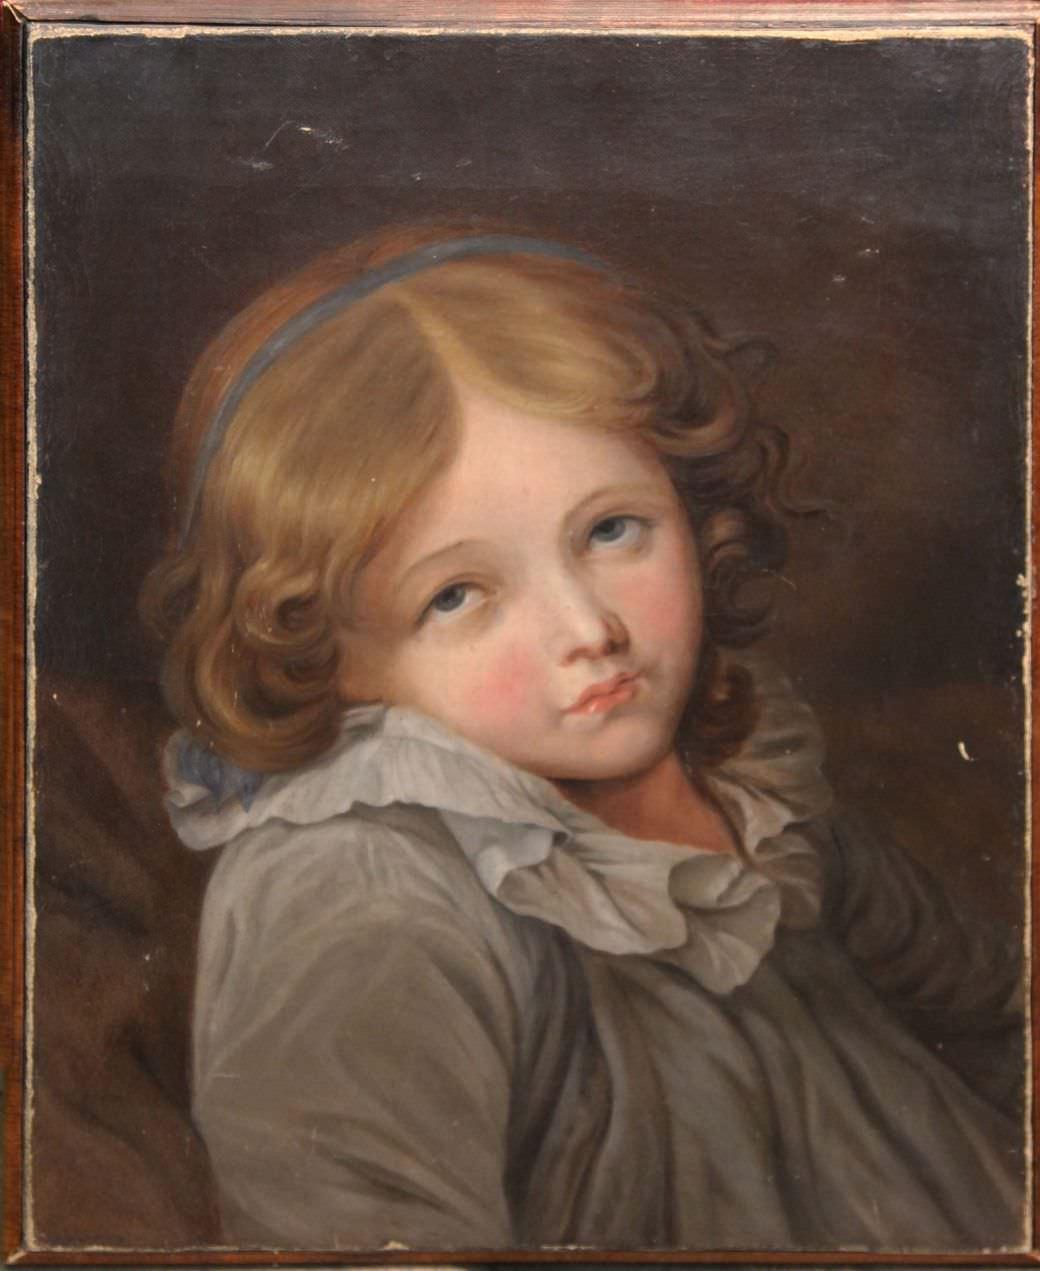 Портрет девочки. Западная Европа, первая половина 19 века.